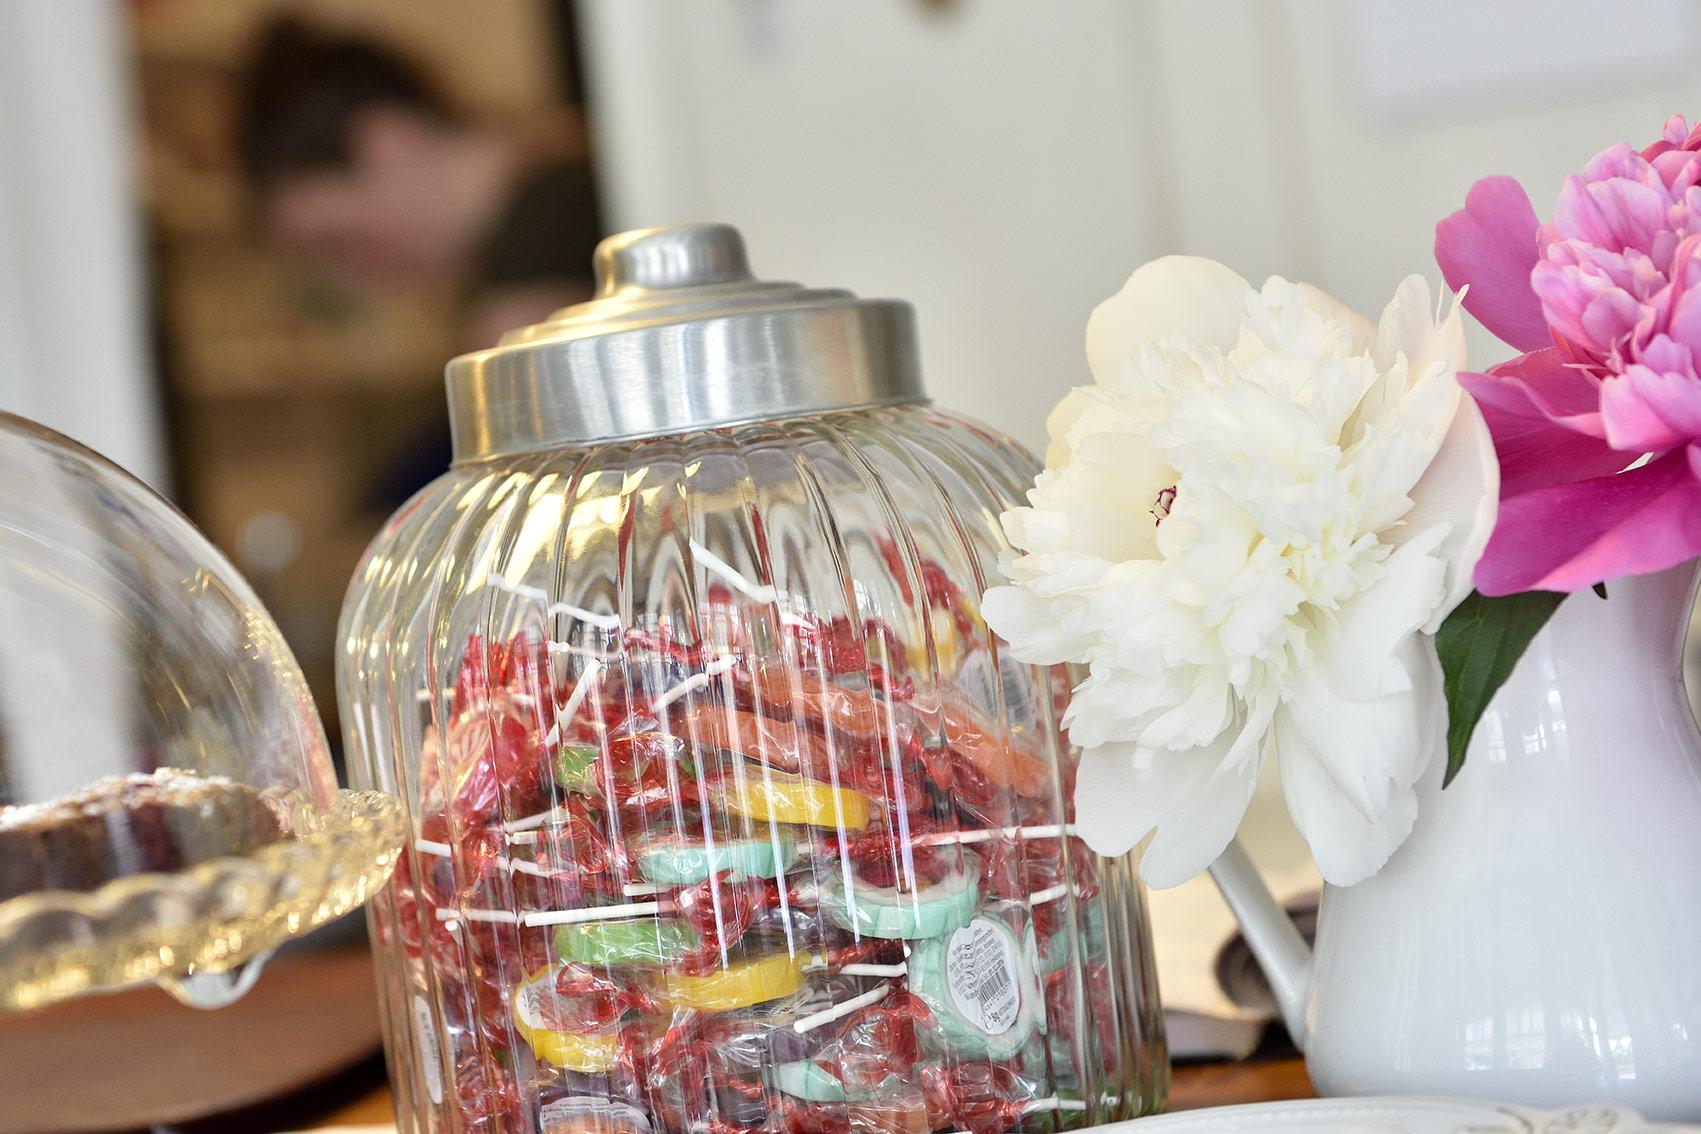 Die liebevolle Einrichtung spiegelt sich auch in kleinen Details wider: Blumen und Bonbons. Foto: BSM/Daniel Möller